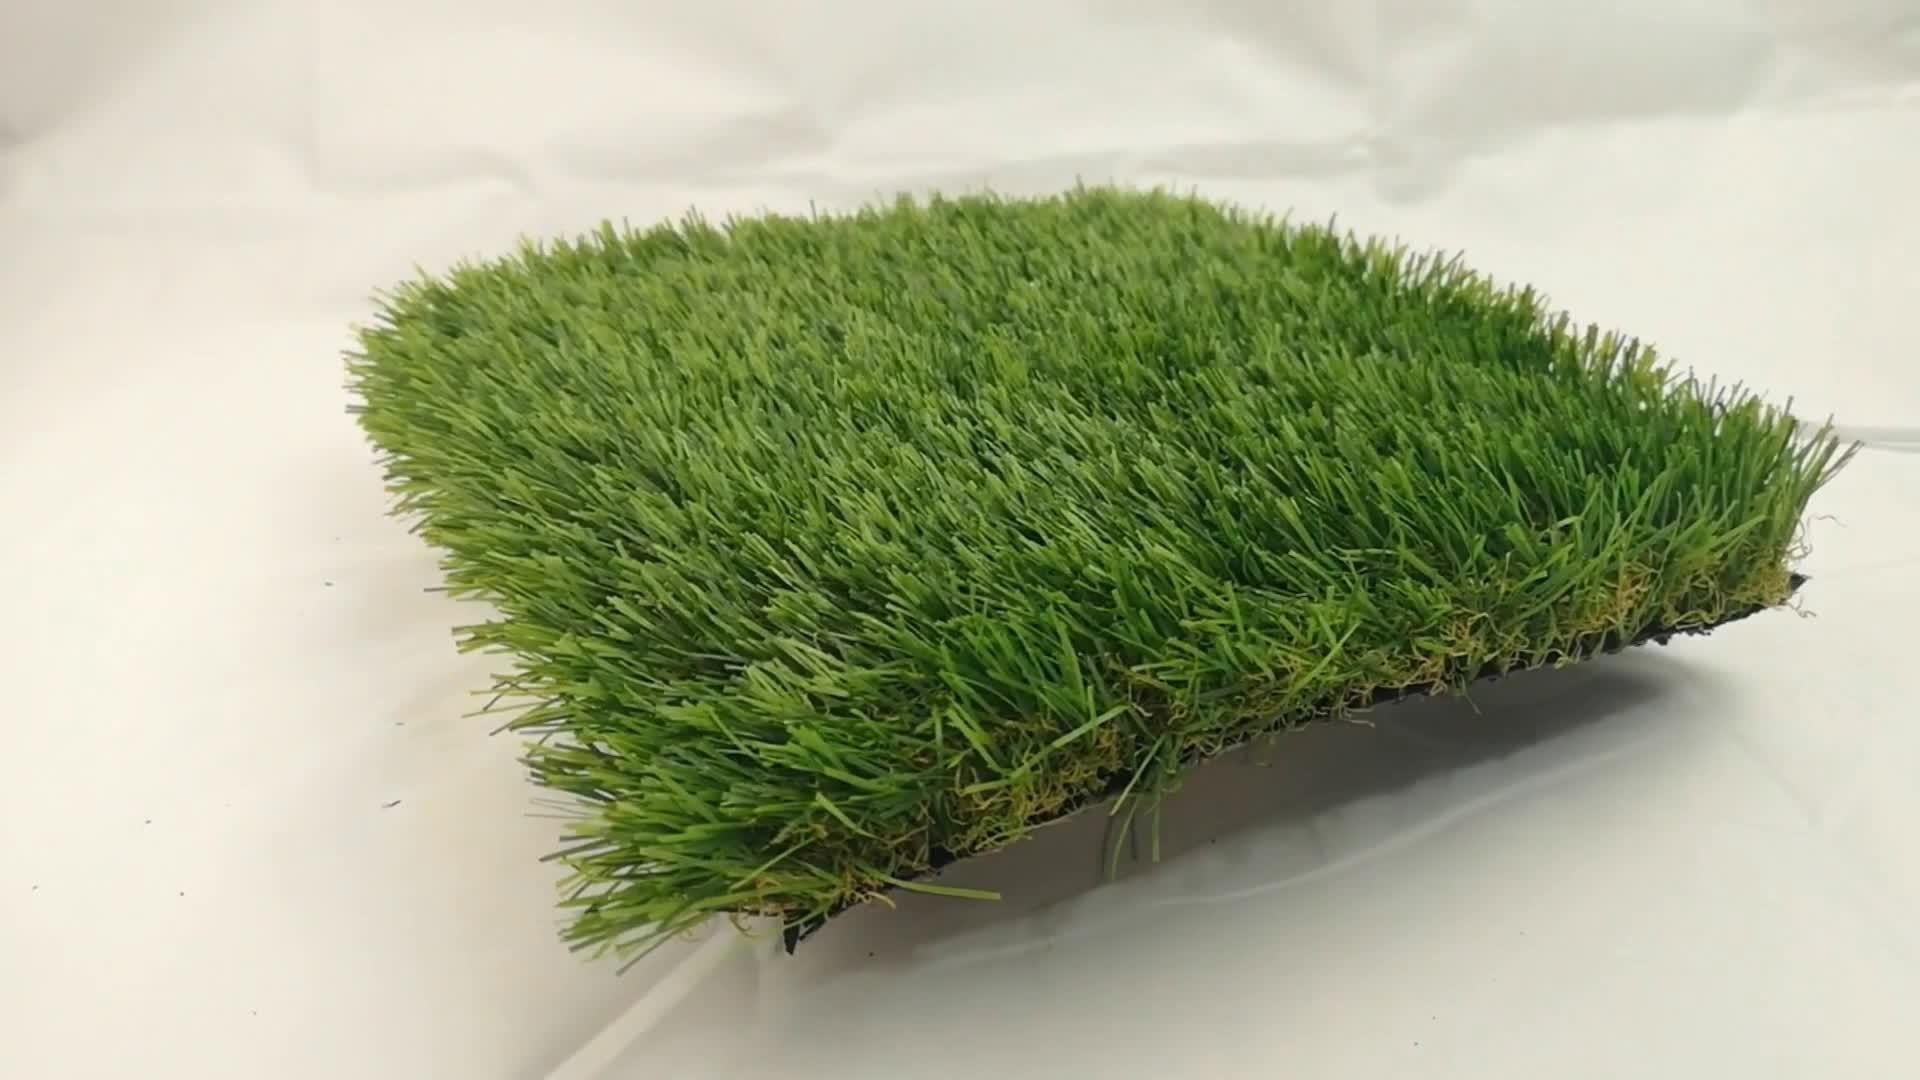 groothandel kunstmatig landschap gras/kunstgras/kunstgras